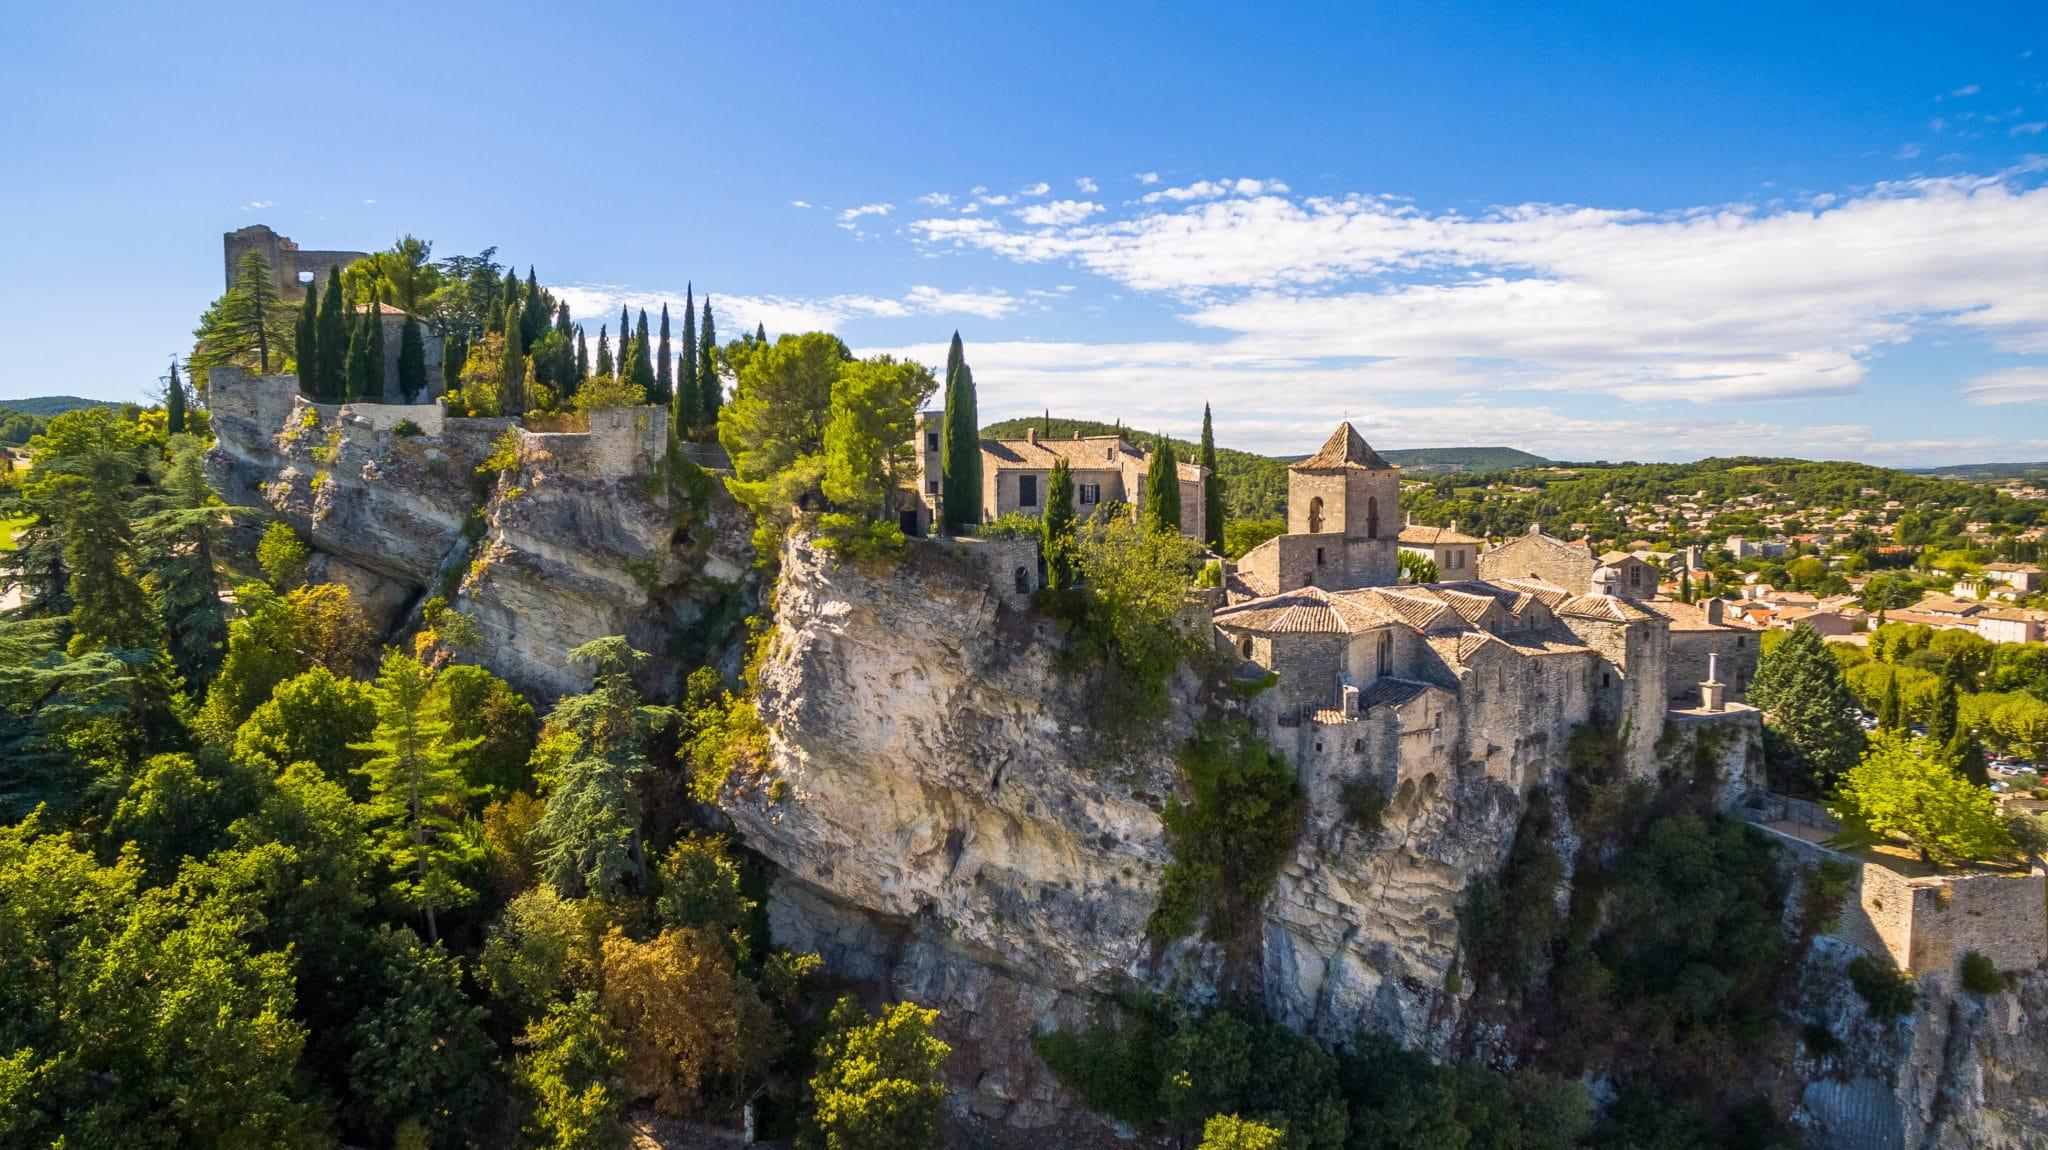 vtc à Saint Remy de Provence